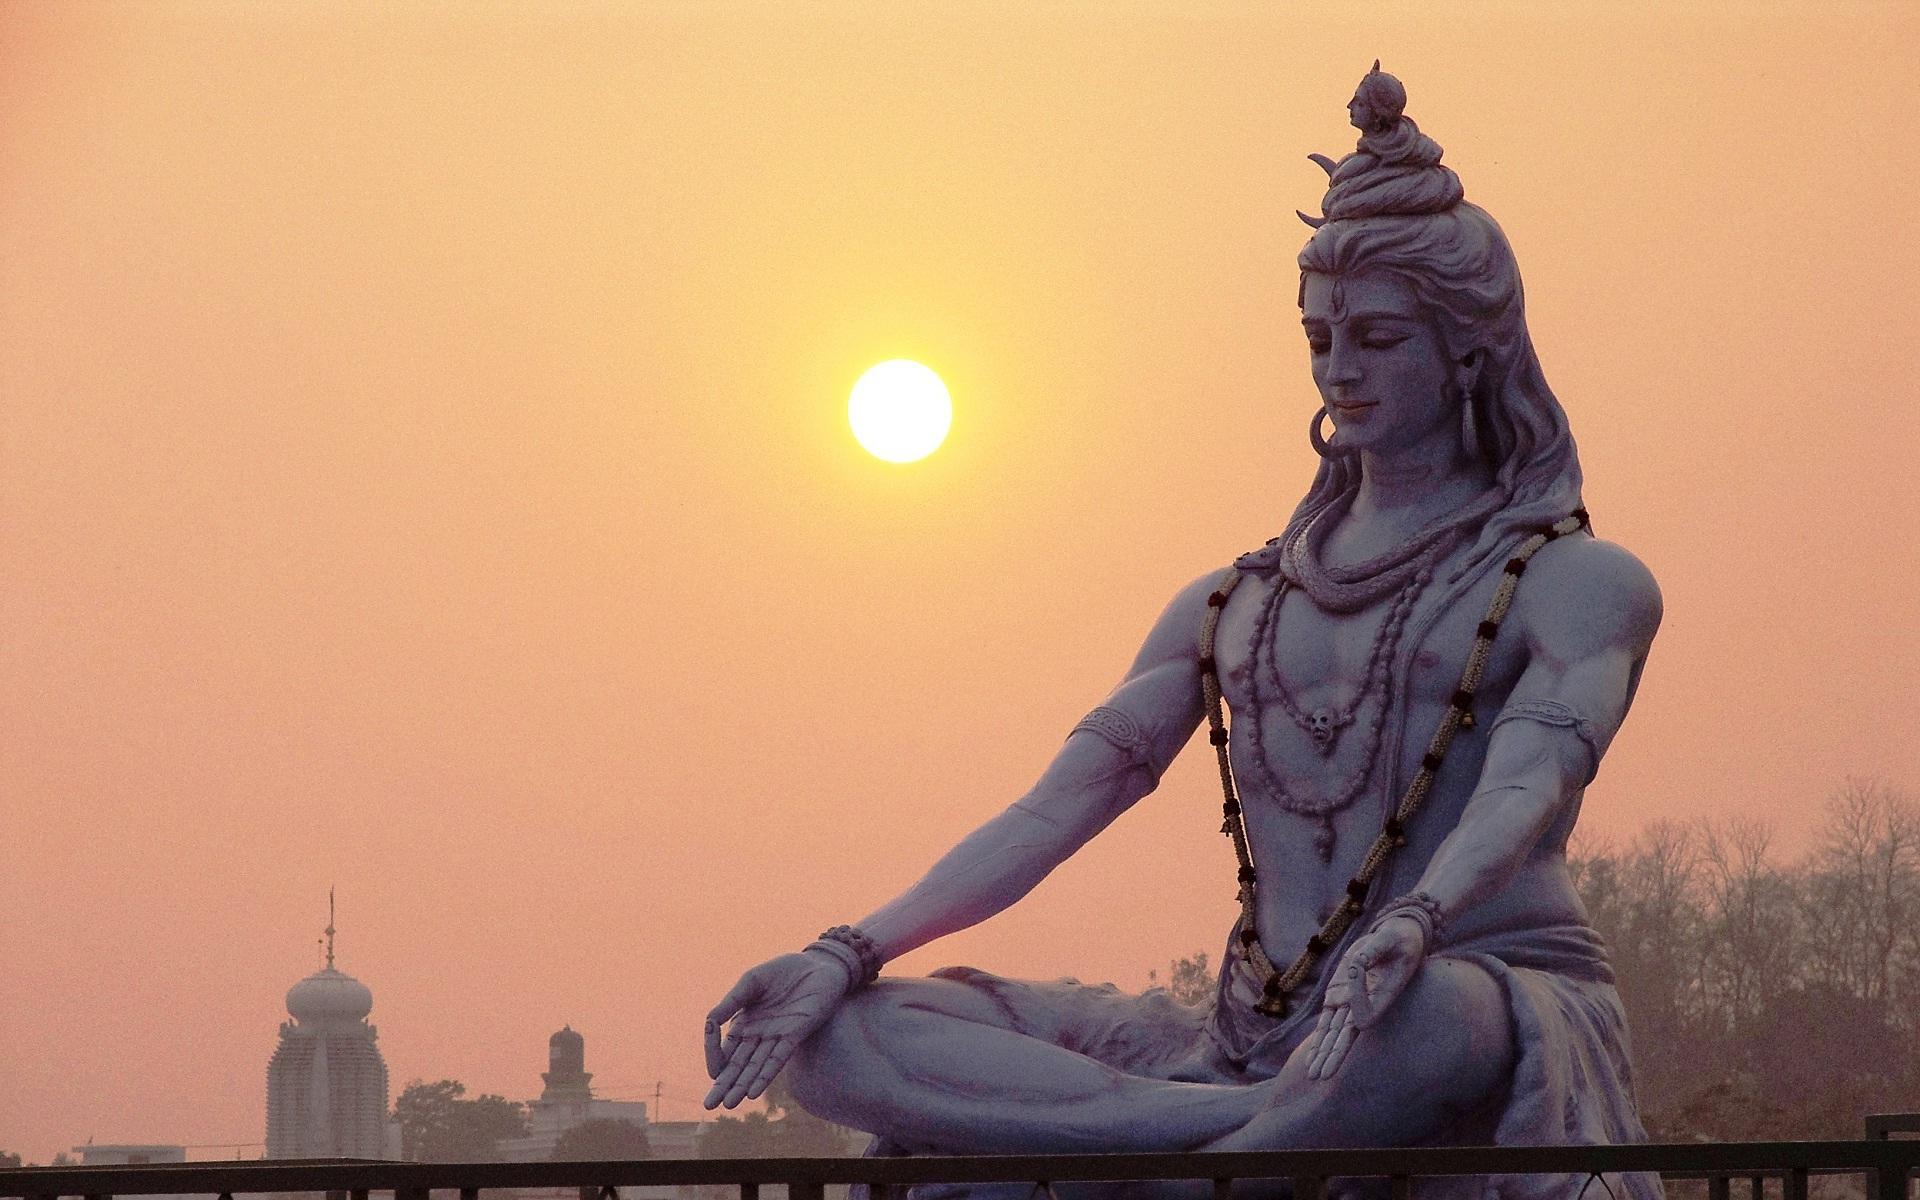 Latest Hd Wallpaper Shiva Most Beautiful Latest Wallpapers